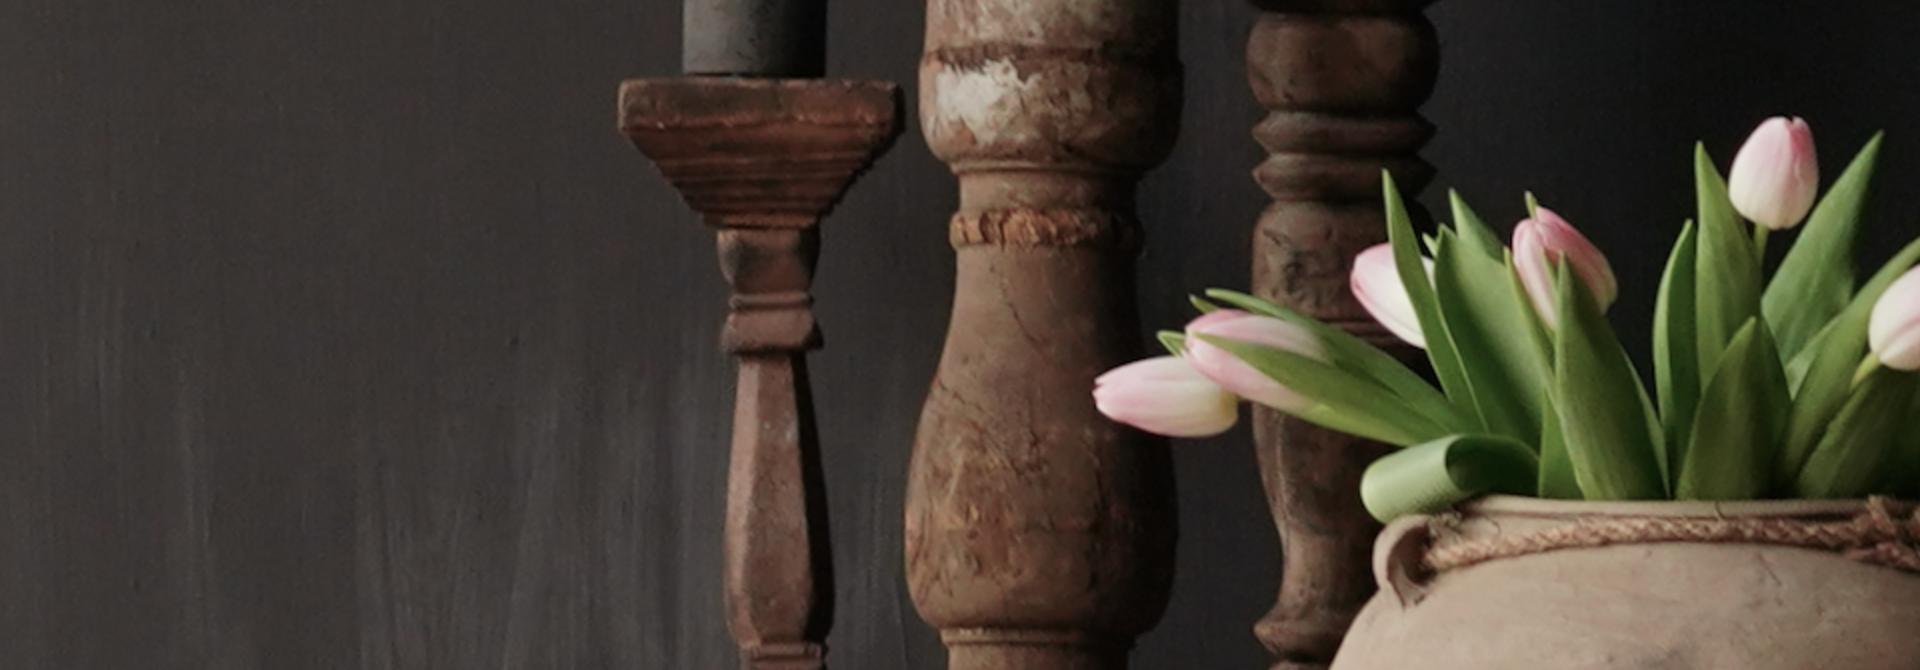 Houten Nepalese kandelaar van oud ornament